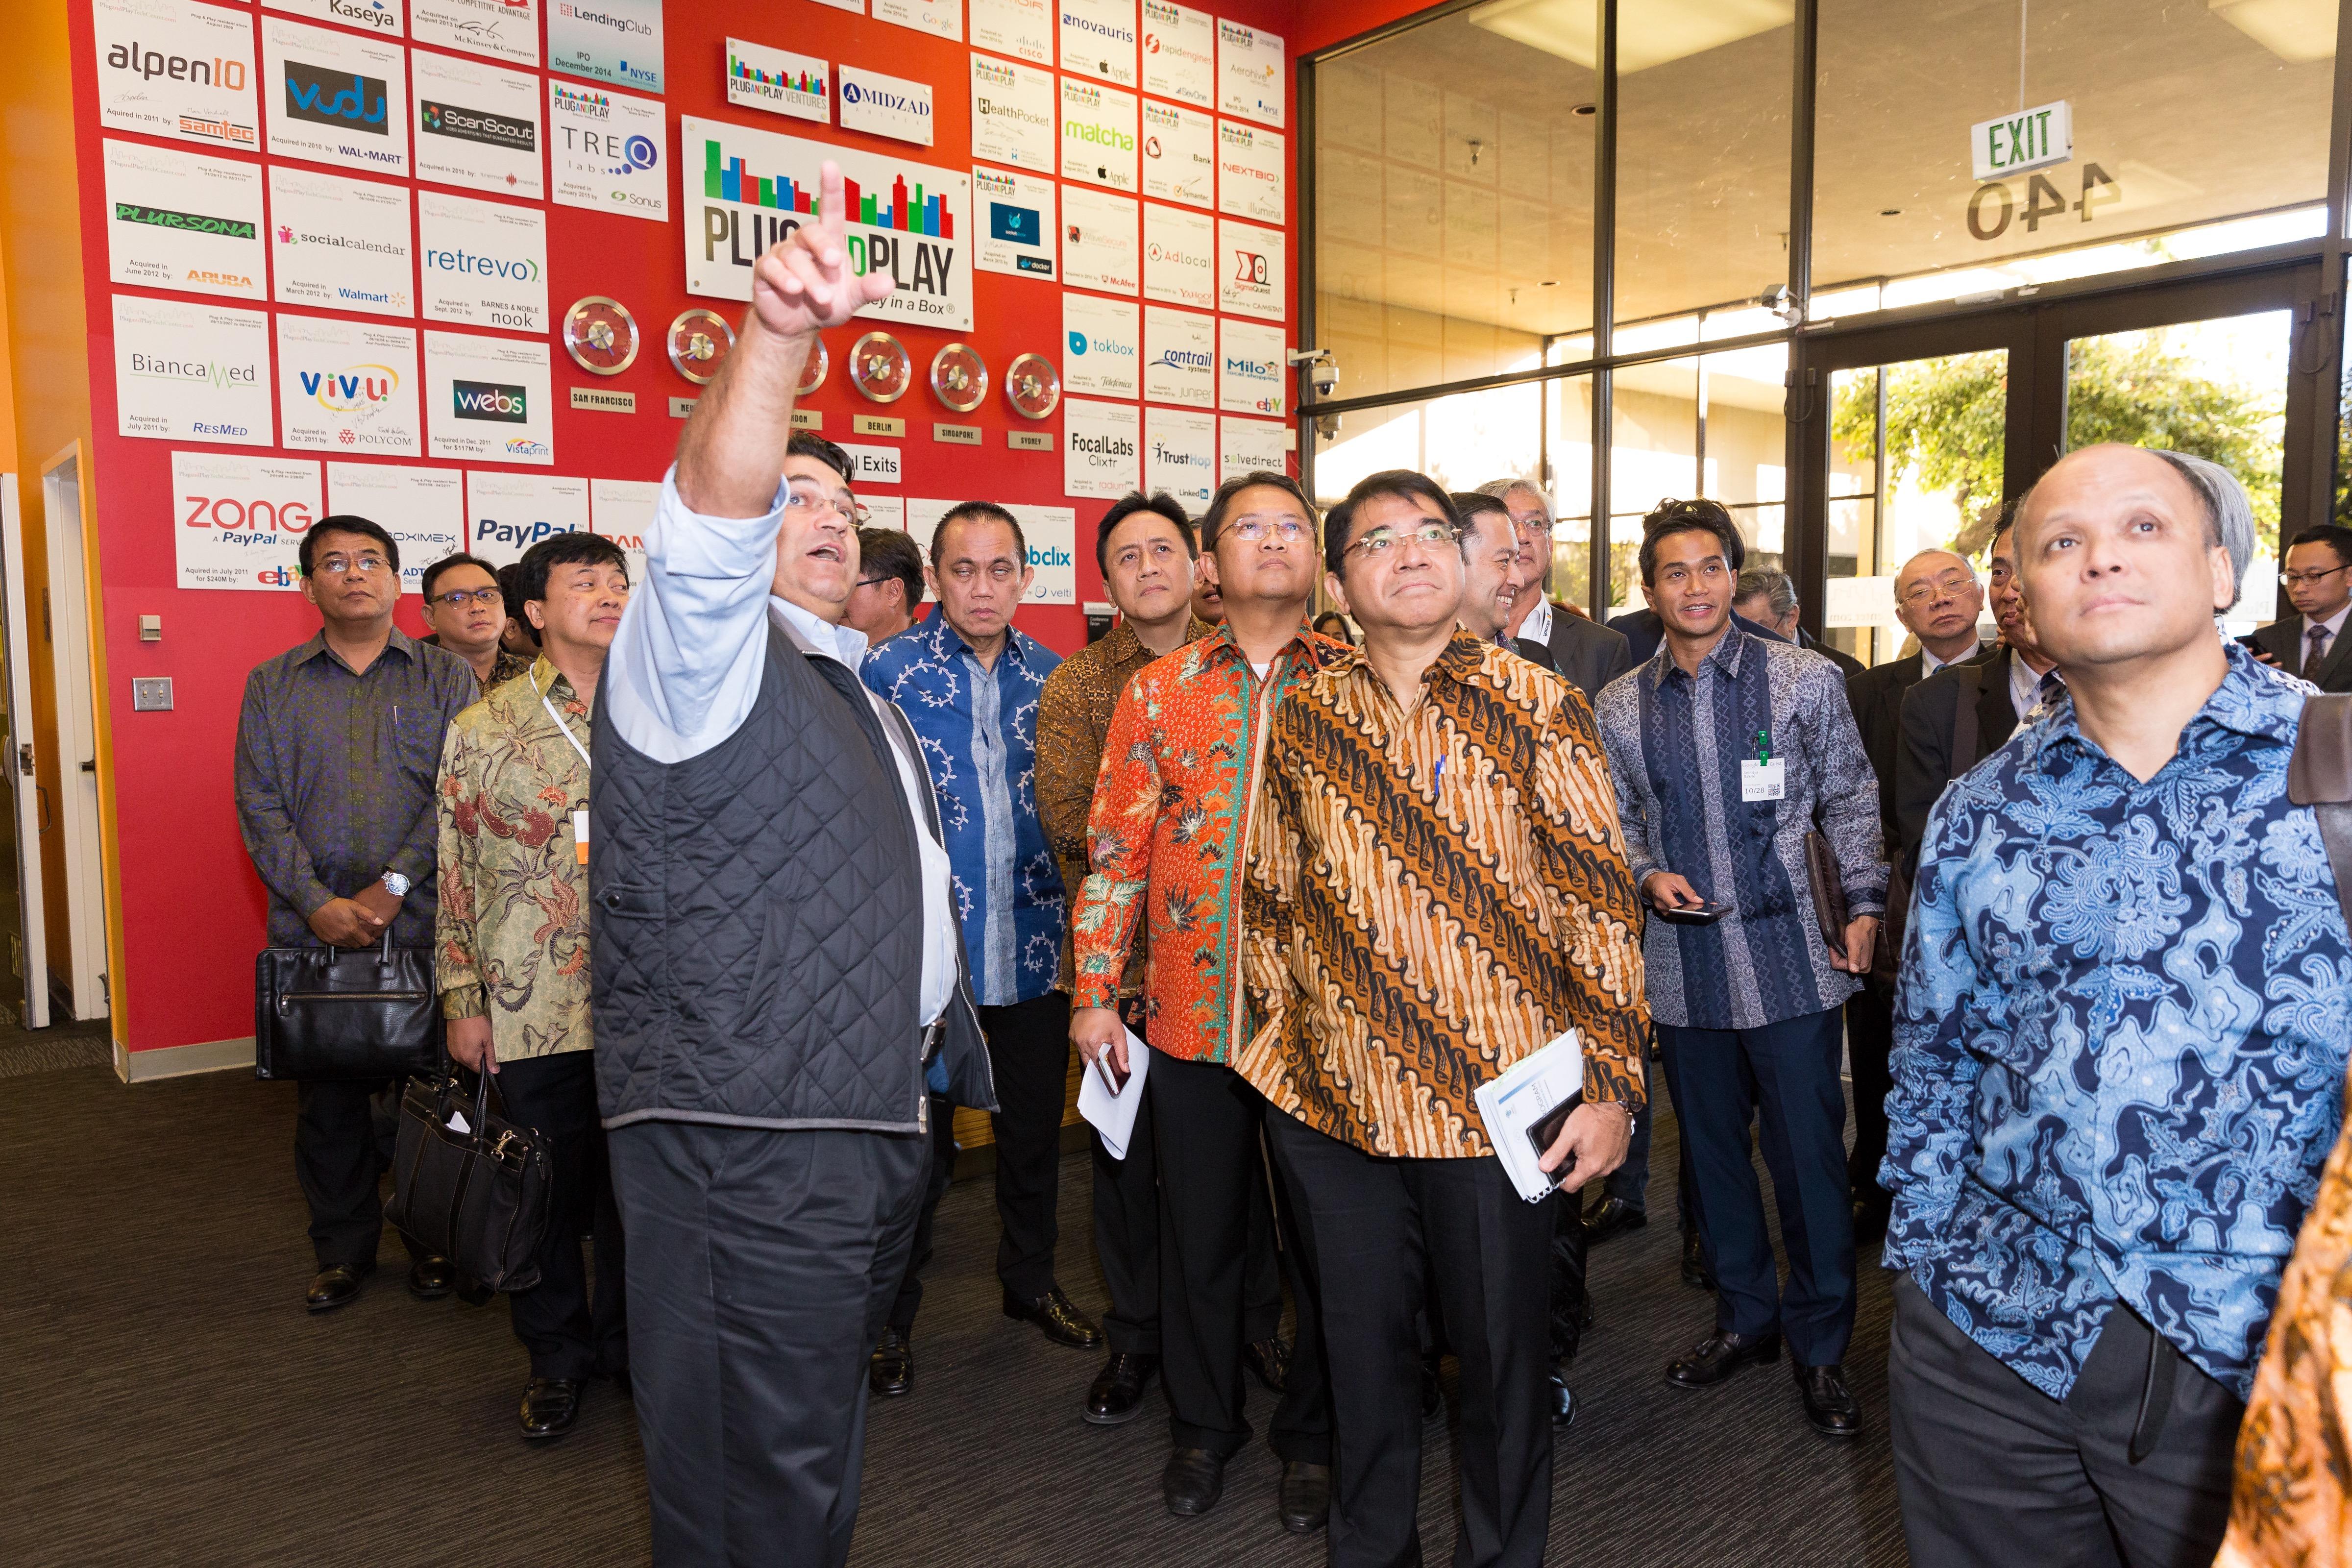 Indo delegation visit to SV - 110 of 115